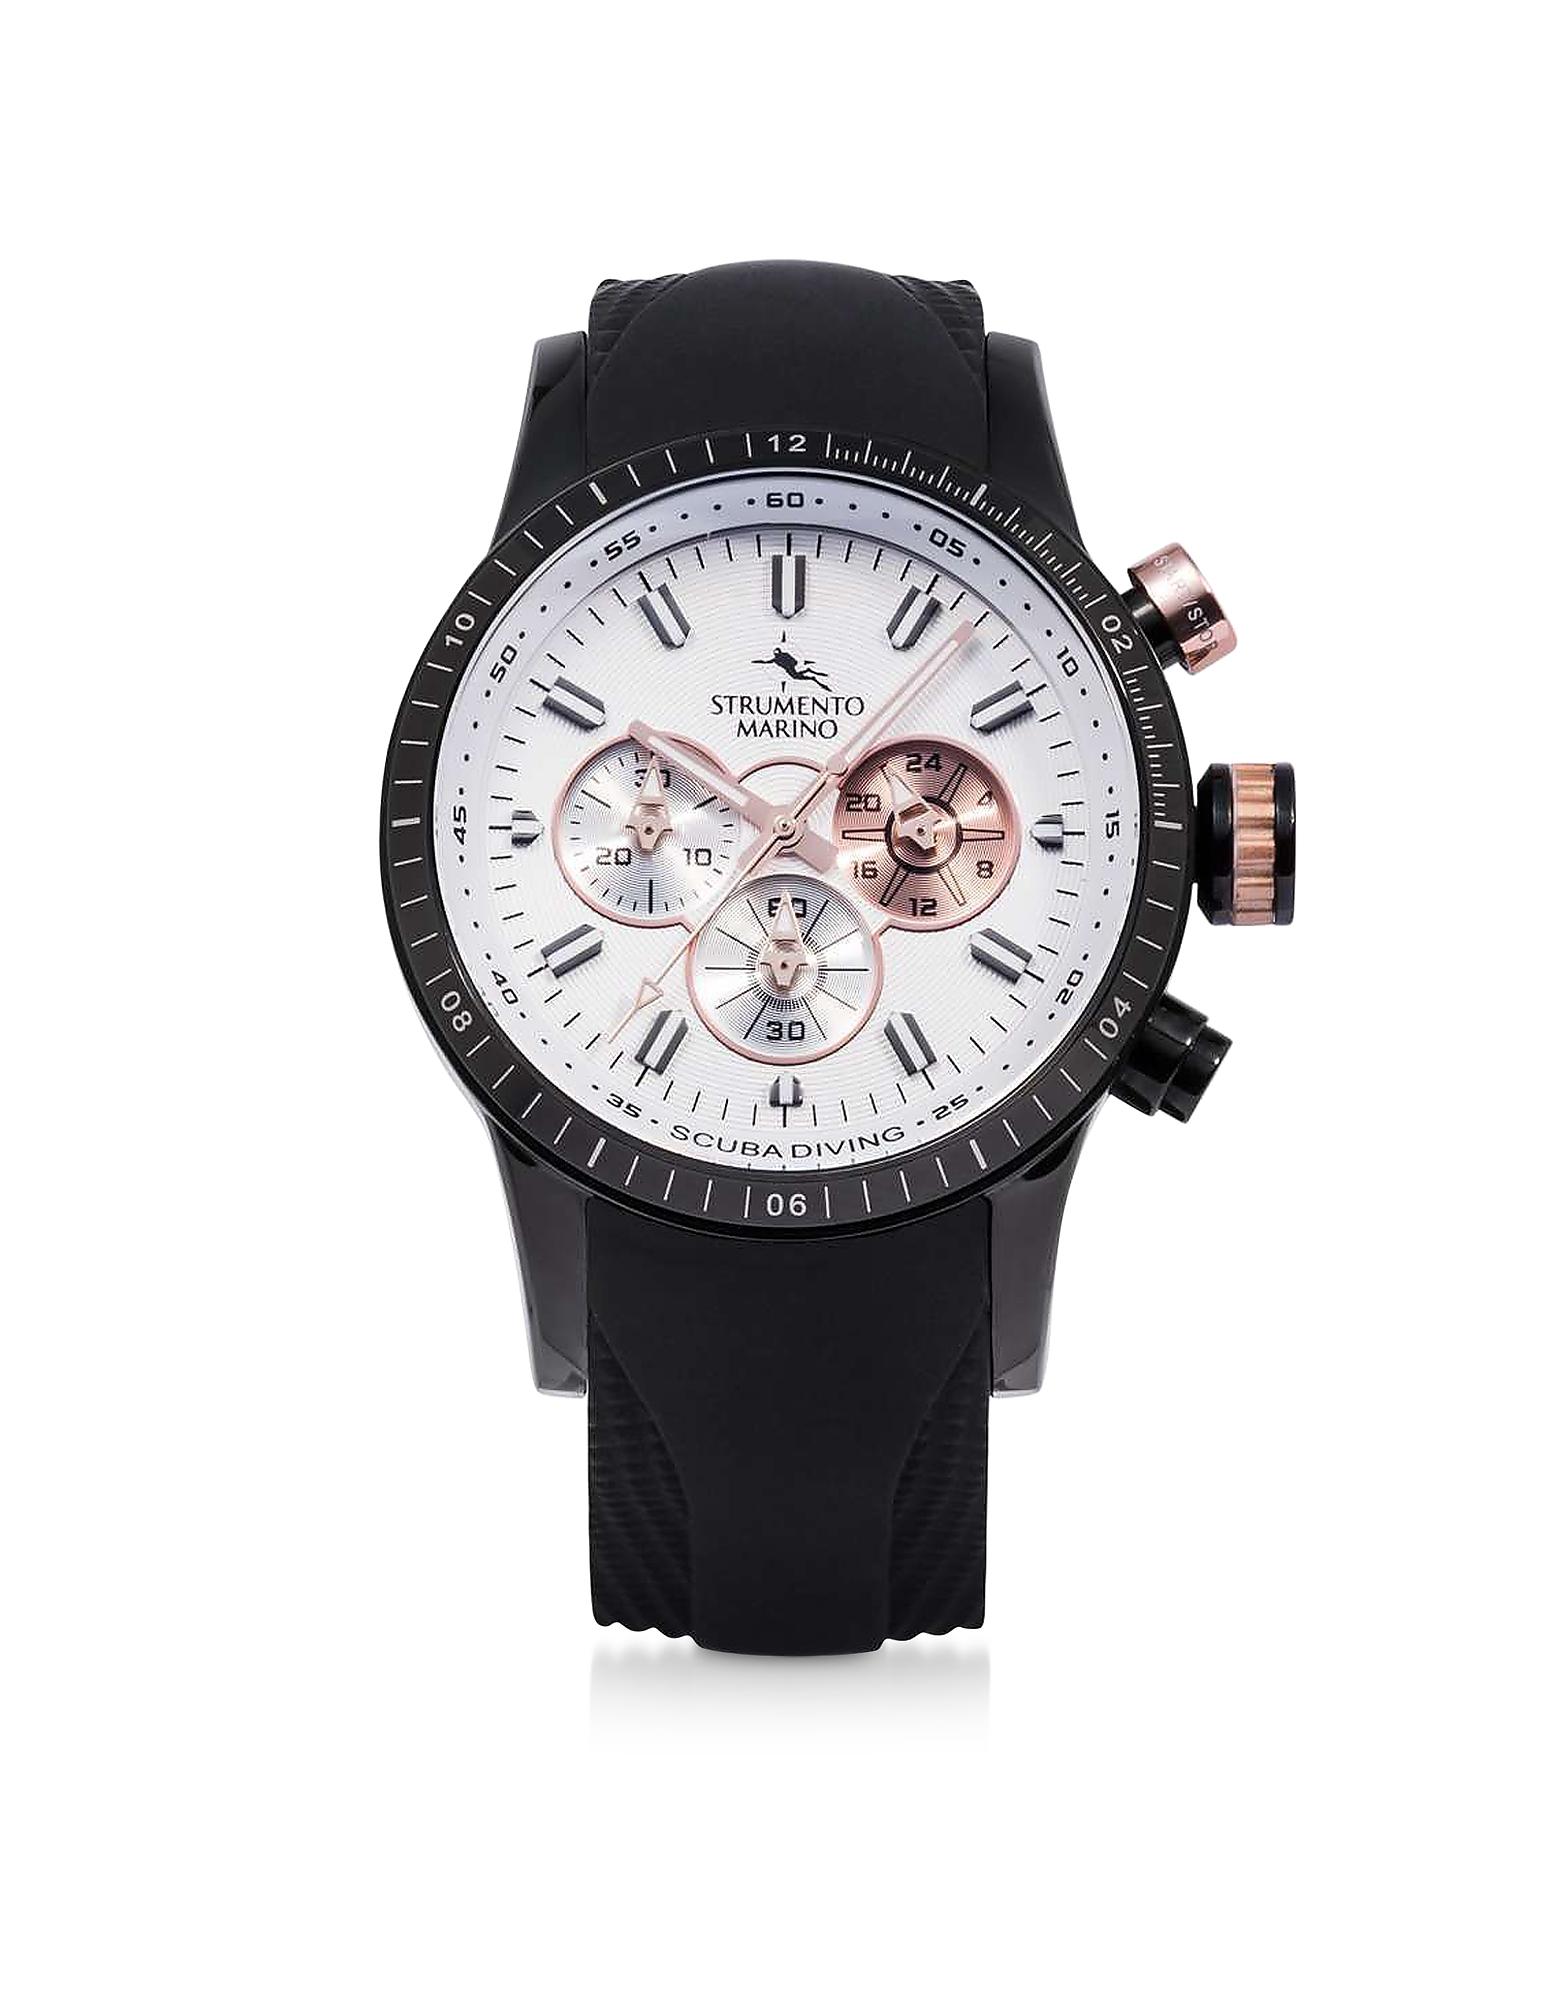 Strumento Marino Men's Watches, Missouri 2 Stainless Steel Watch